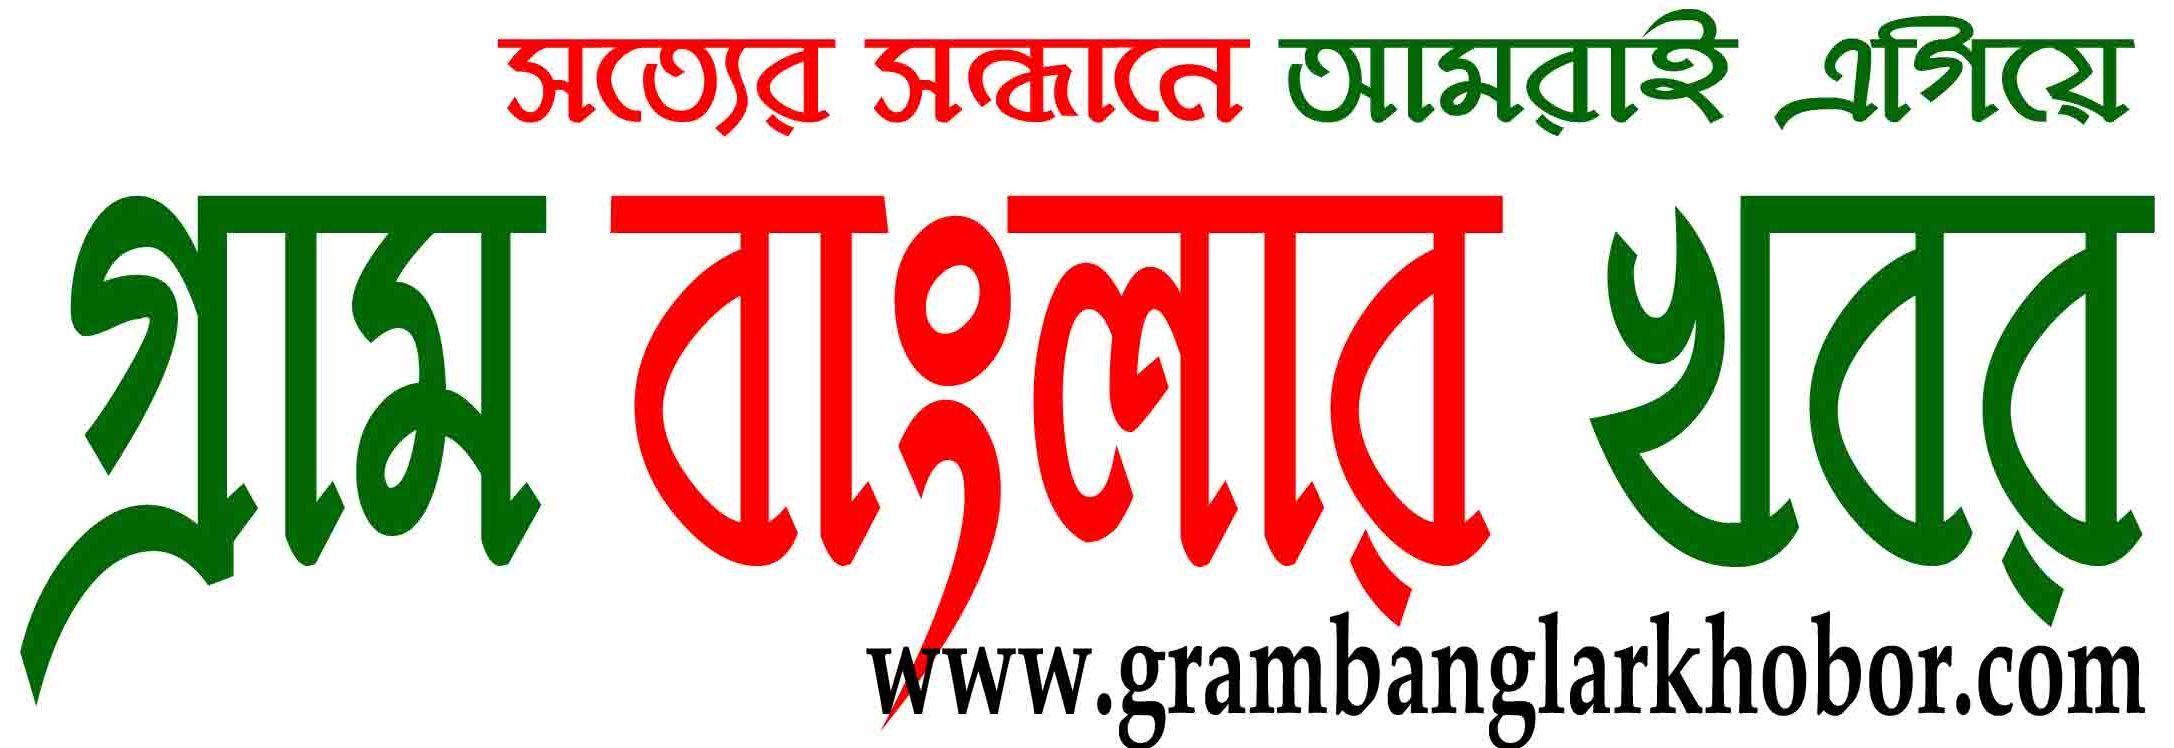 Gram Banglar Khobor